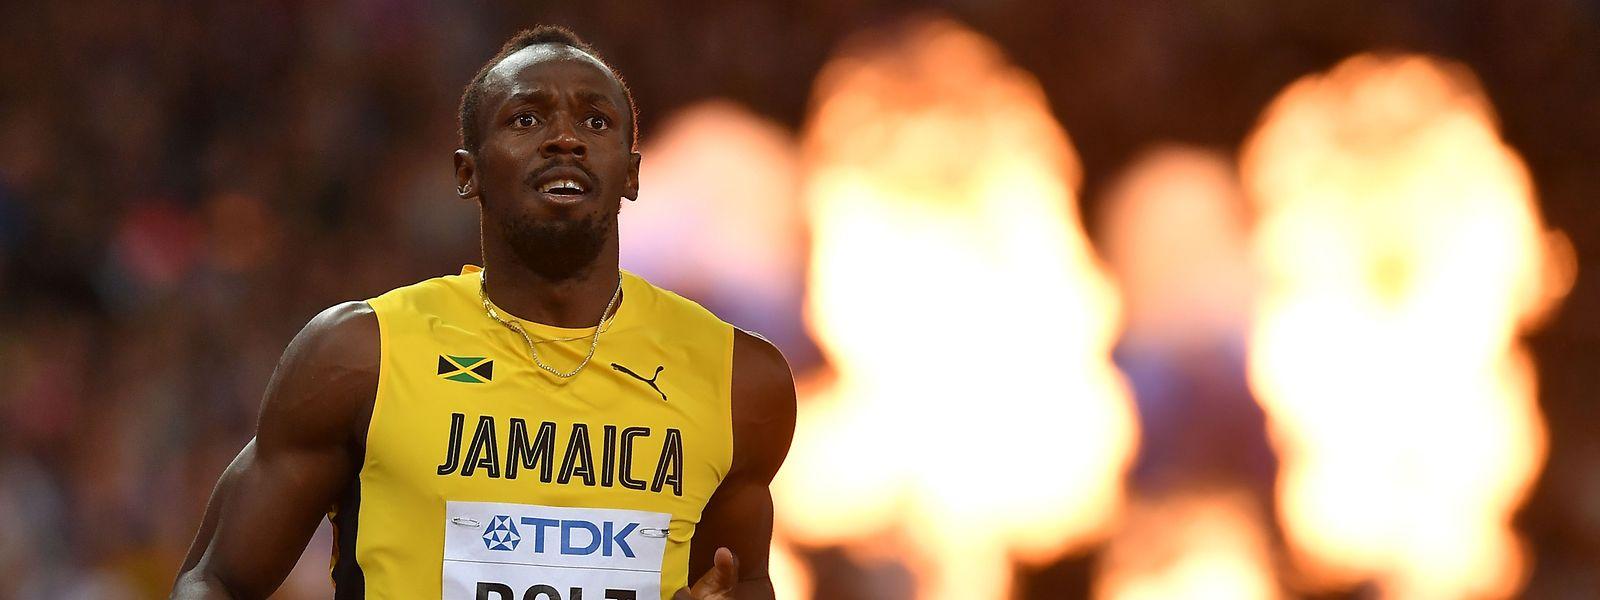 Usain Bolt, le retraité des stades, se montre très impliqué dans la lutte contre la pandémie en Jamaïque.